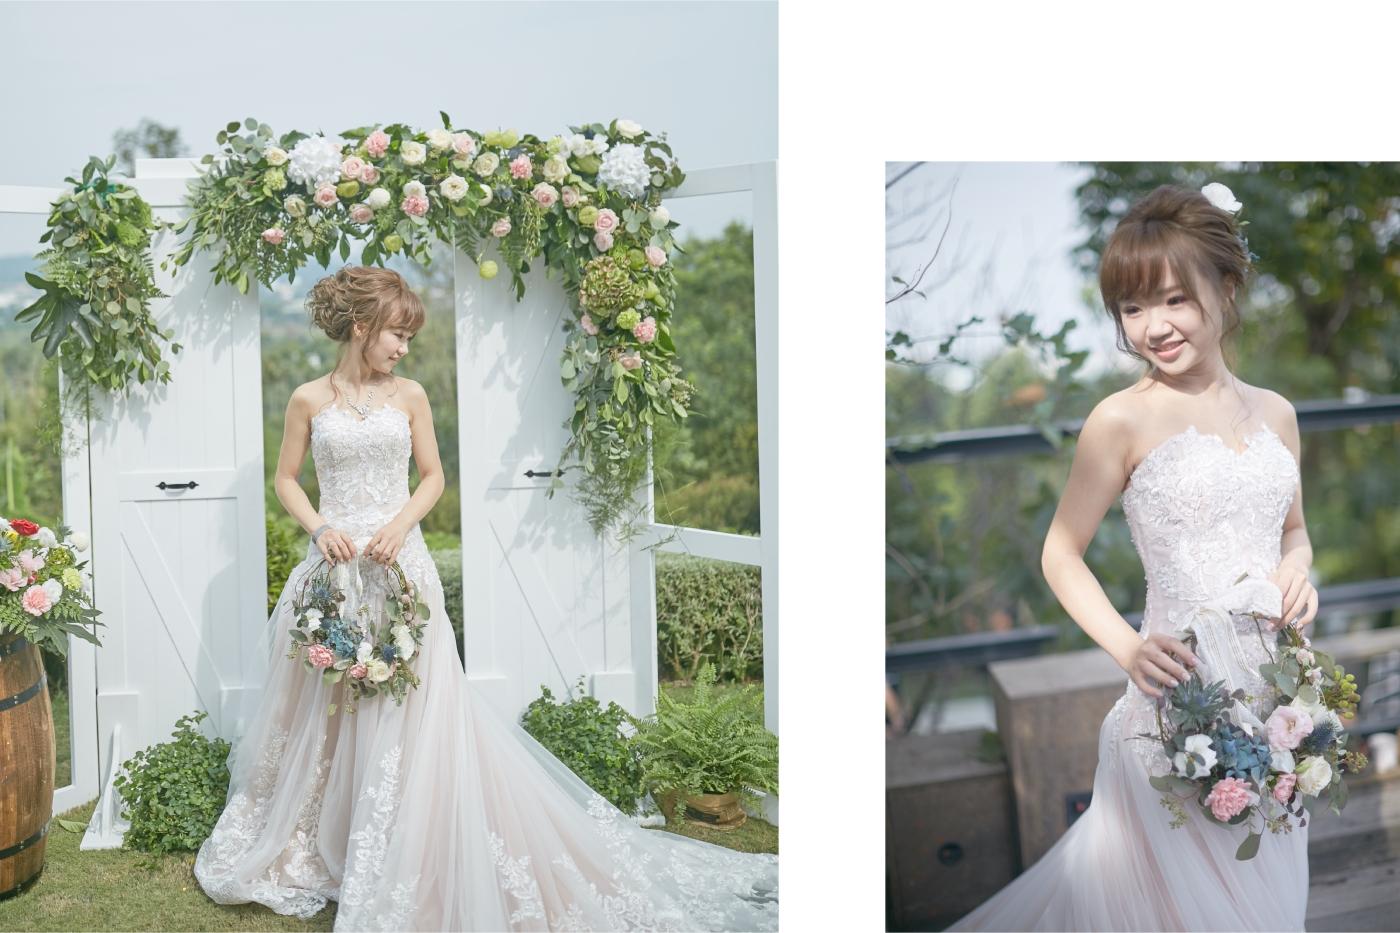 歐美手提花環|新娘捧花|捧花訂製訂購|新娘手提花圈|嘉義婚禮佈置推薦|憶起幸福